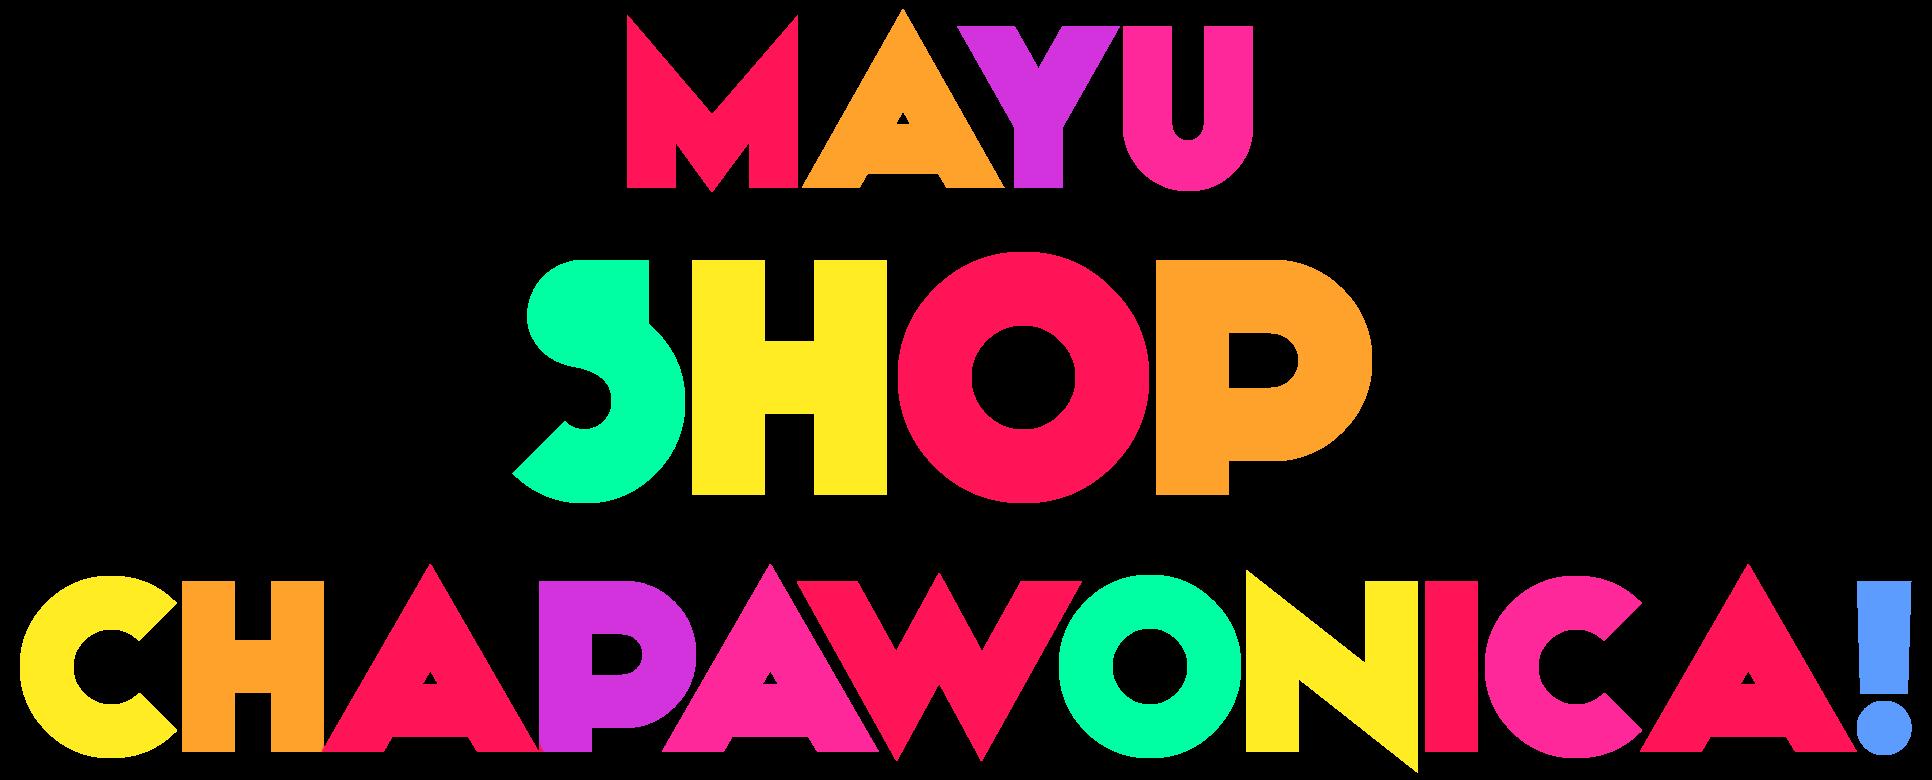 MAYU SHOP CHAPAWONICA